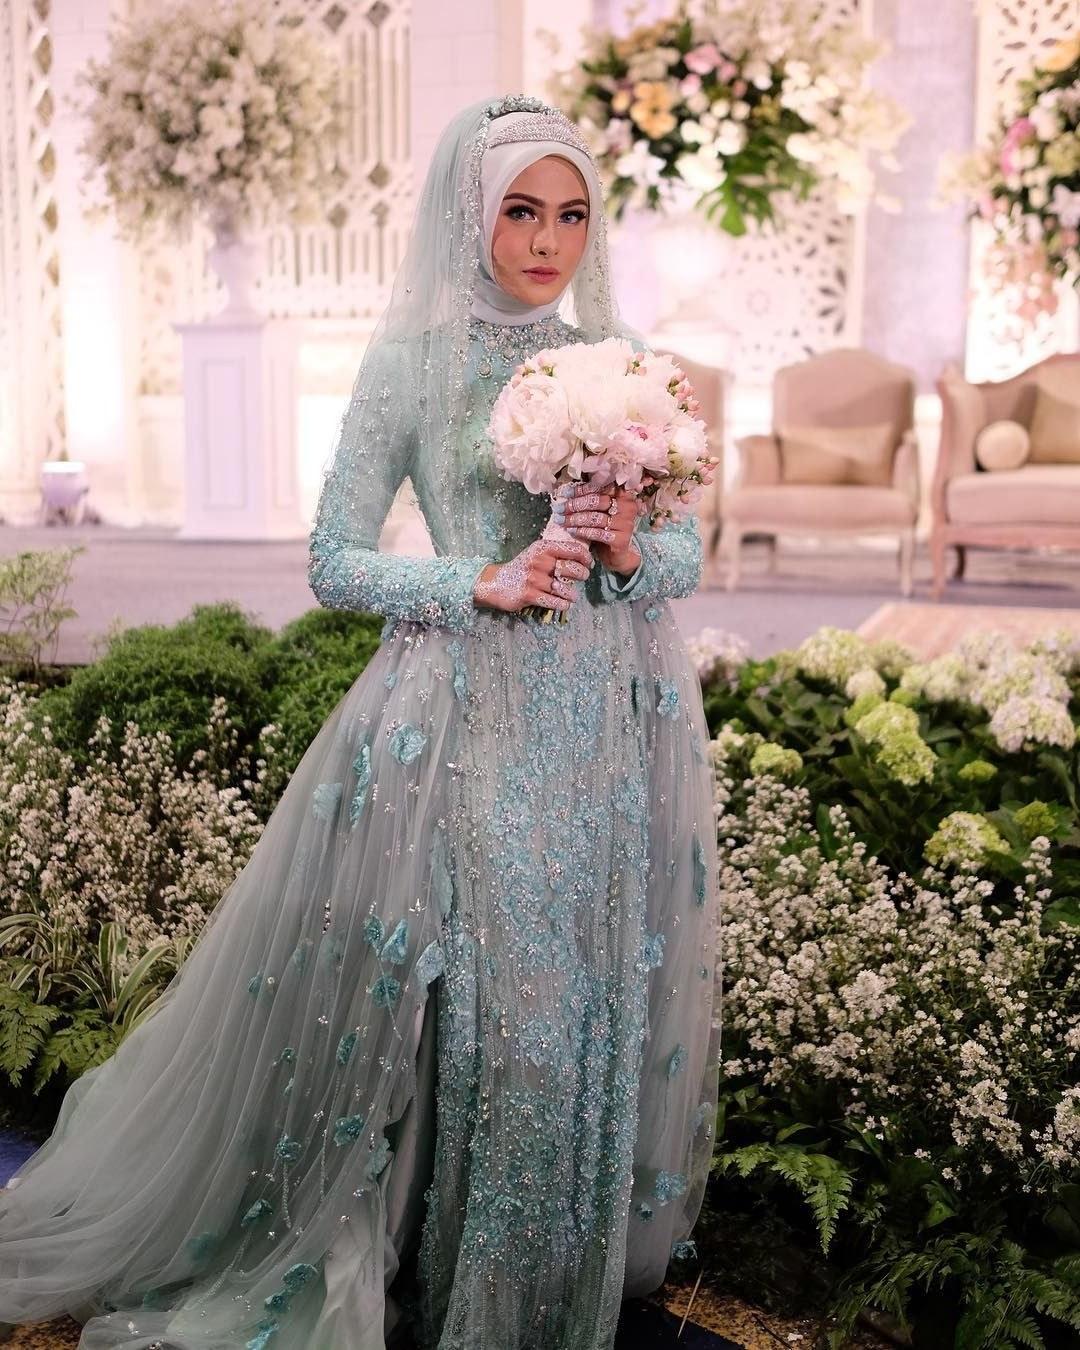 Ide Dress Pernikahan Muslimah Kvdd 12 Desain Gaun Pernikahan Muslimah Elegan Nan Sederhana